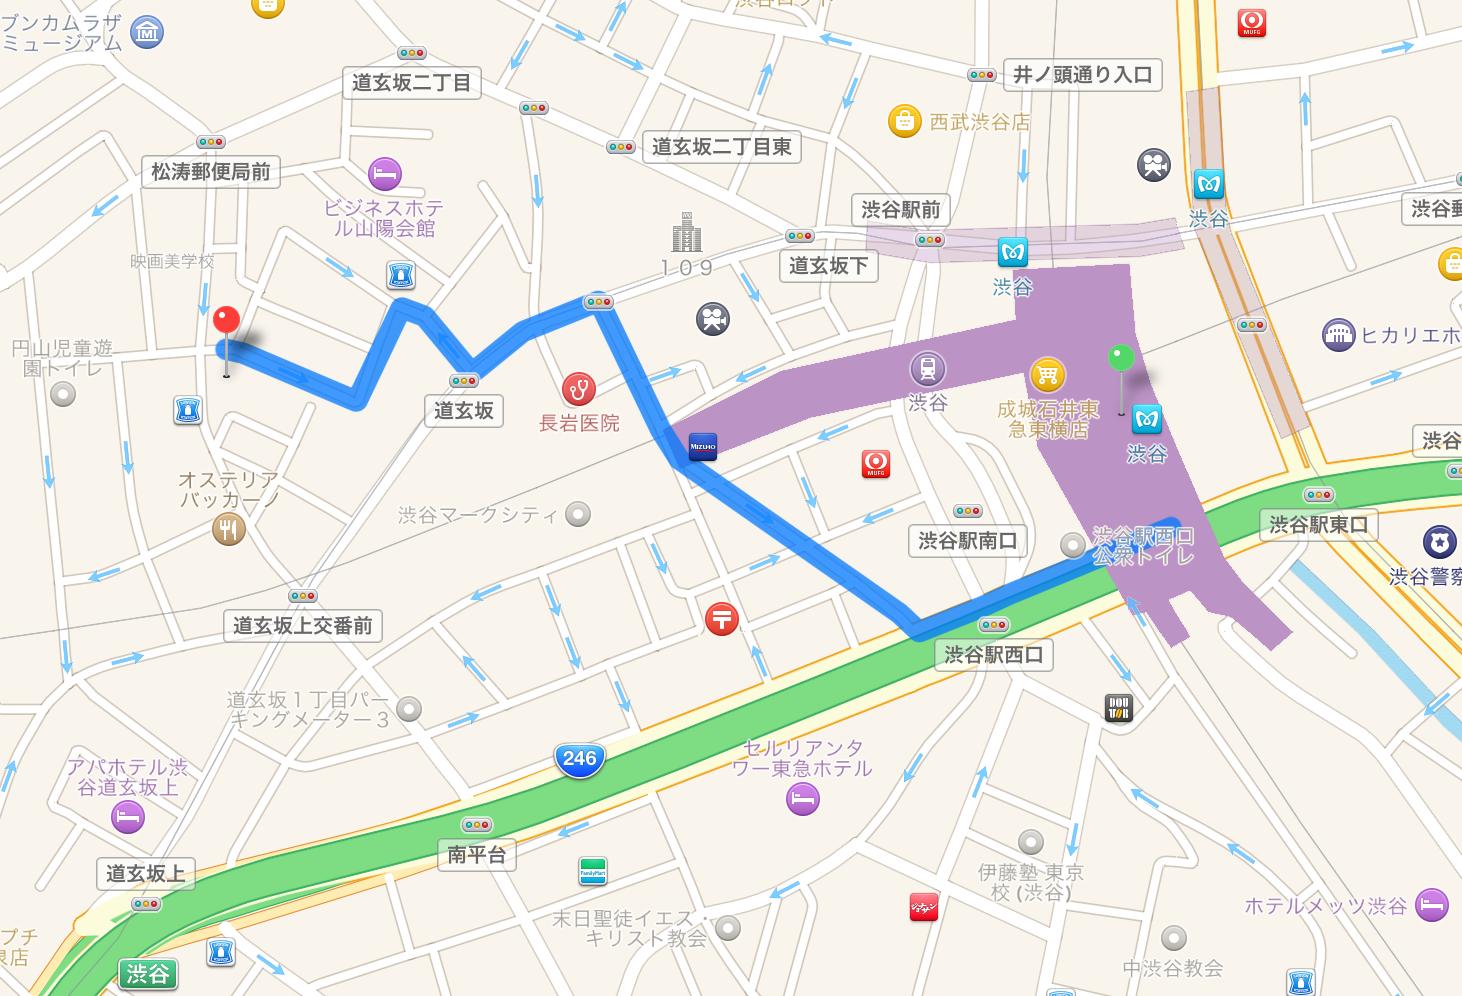 渋谷が大変